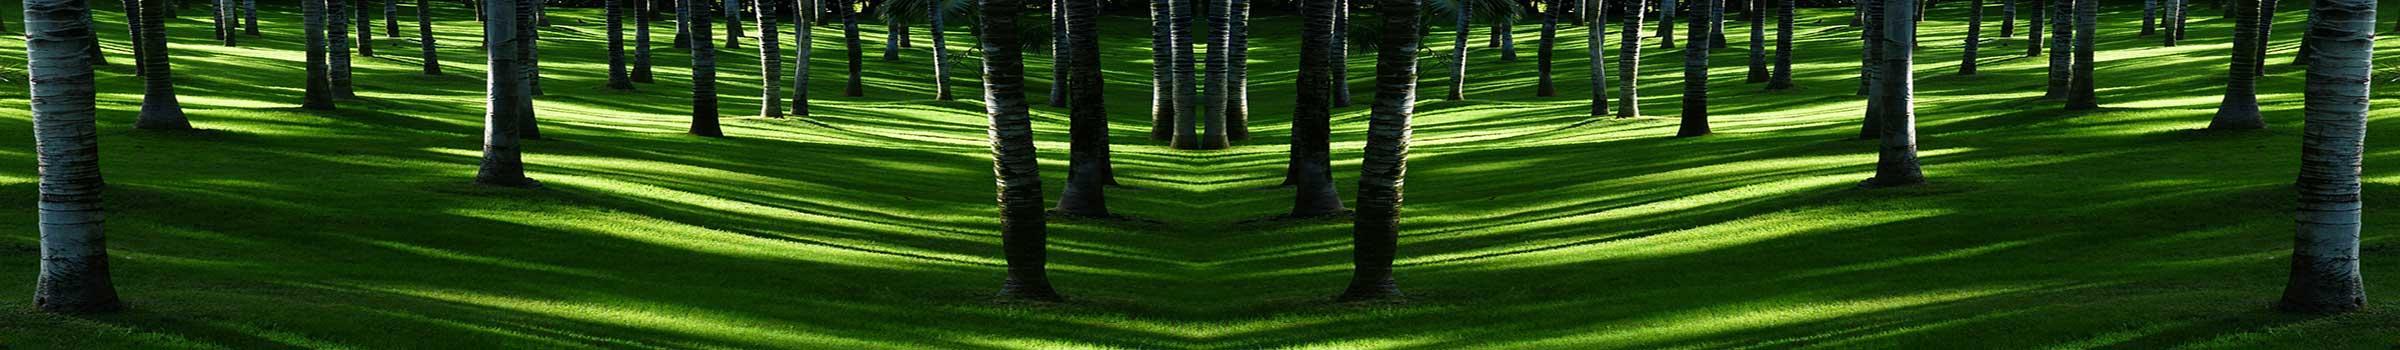 meadow-406514_1920__1200x350